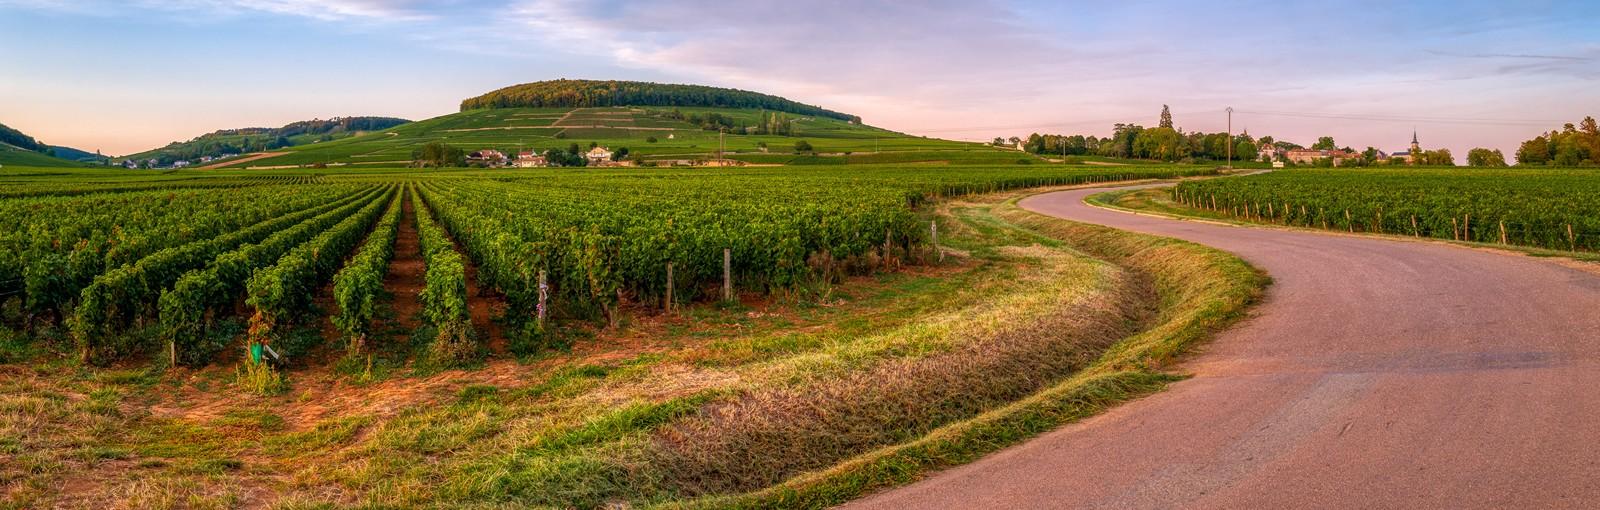 Tours 2 jours en Bourgogne: Dijon et la Route des Grands Crus - Bourgogne - Excursions au départ de Paris